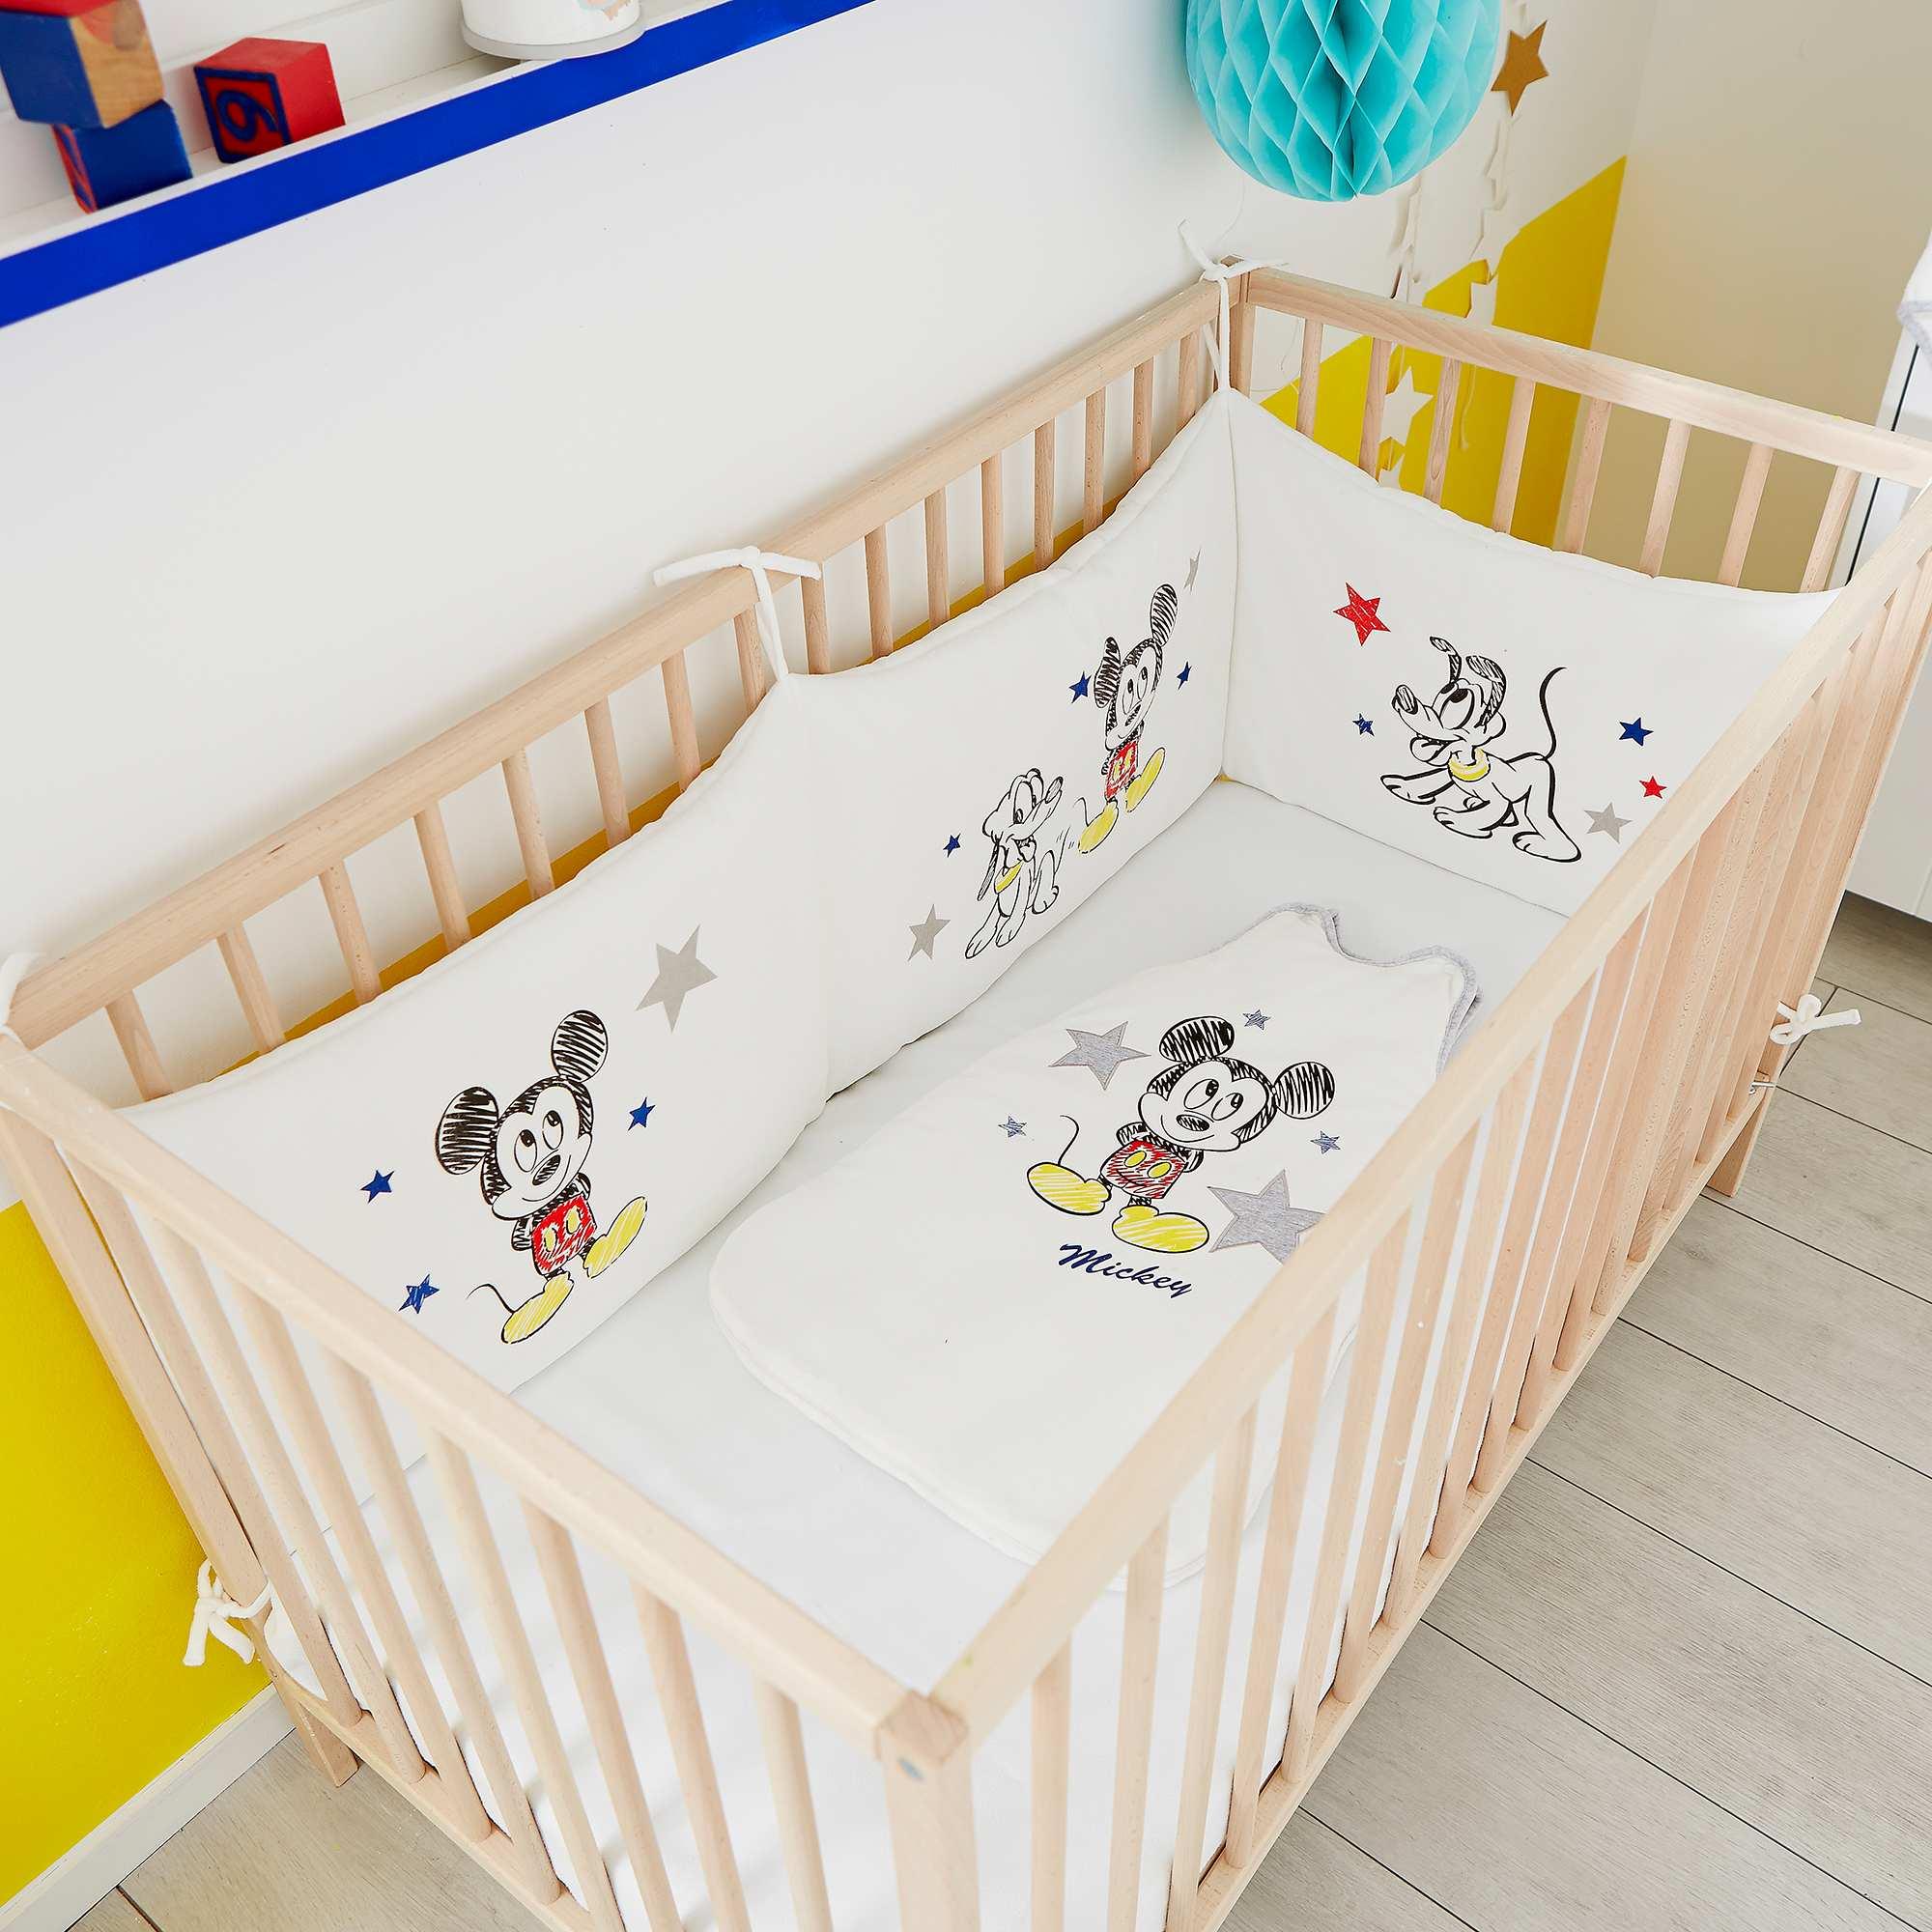 tour de lit bébé garçon kiabi Tour de lit velours 'Mickey' Bébé garçon   Mickey   Kiabi   30,00€ tour de lit bébé garçon kiabi